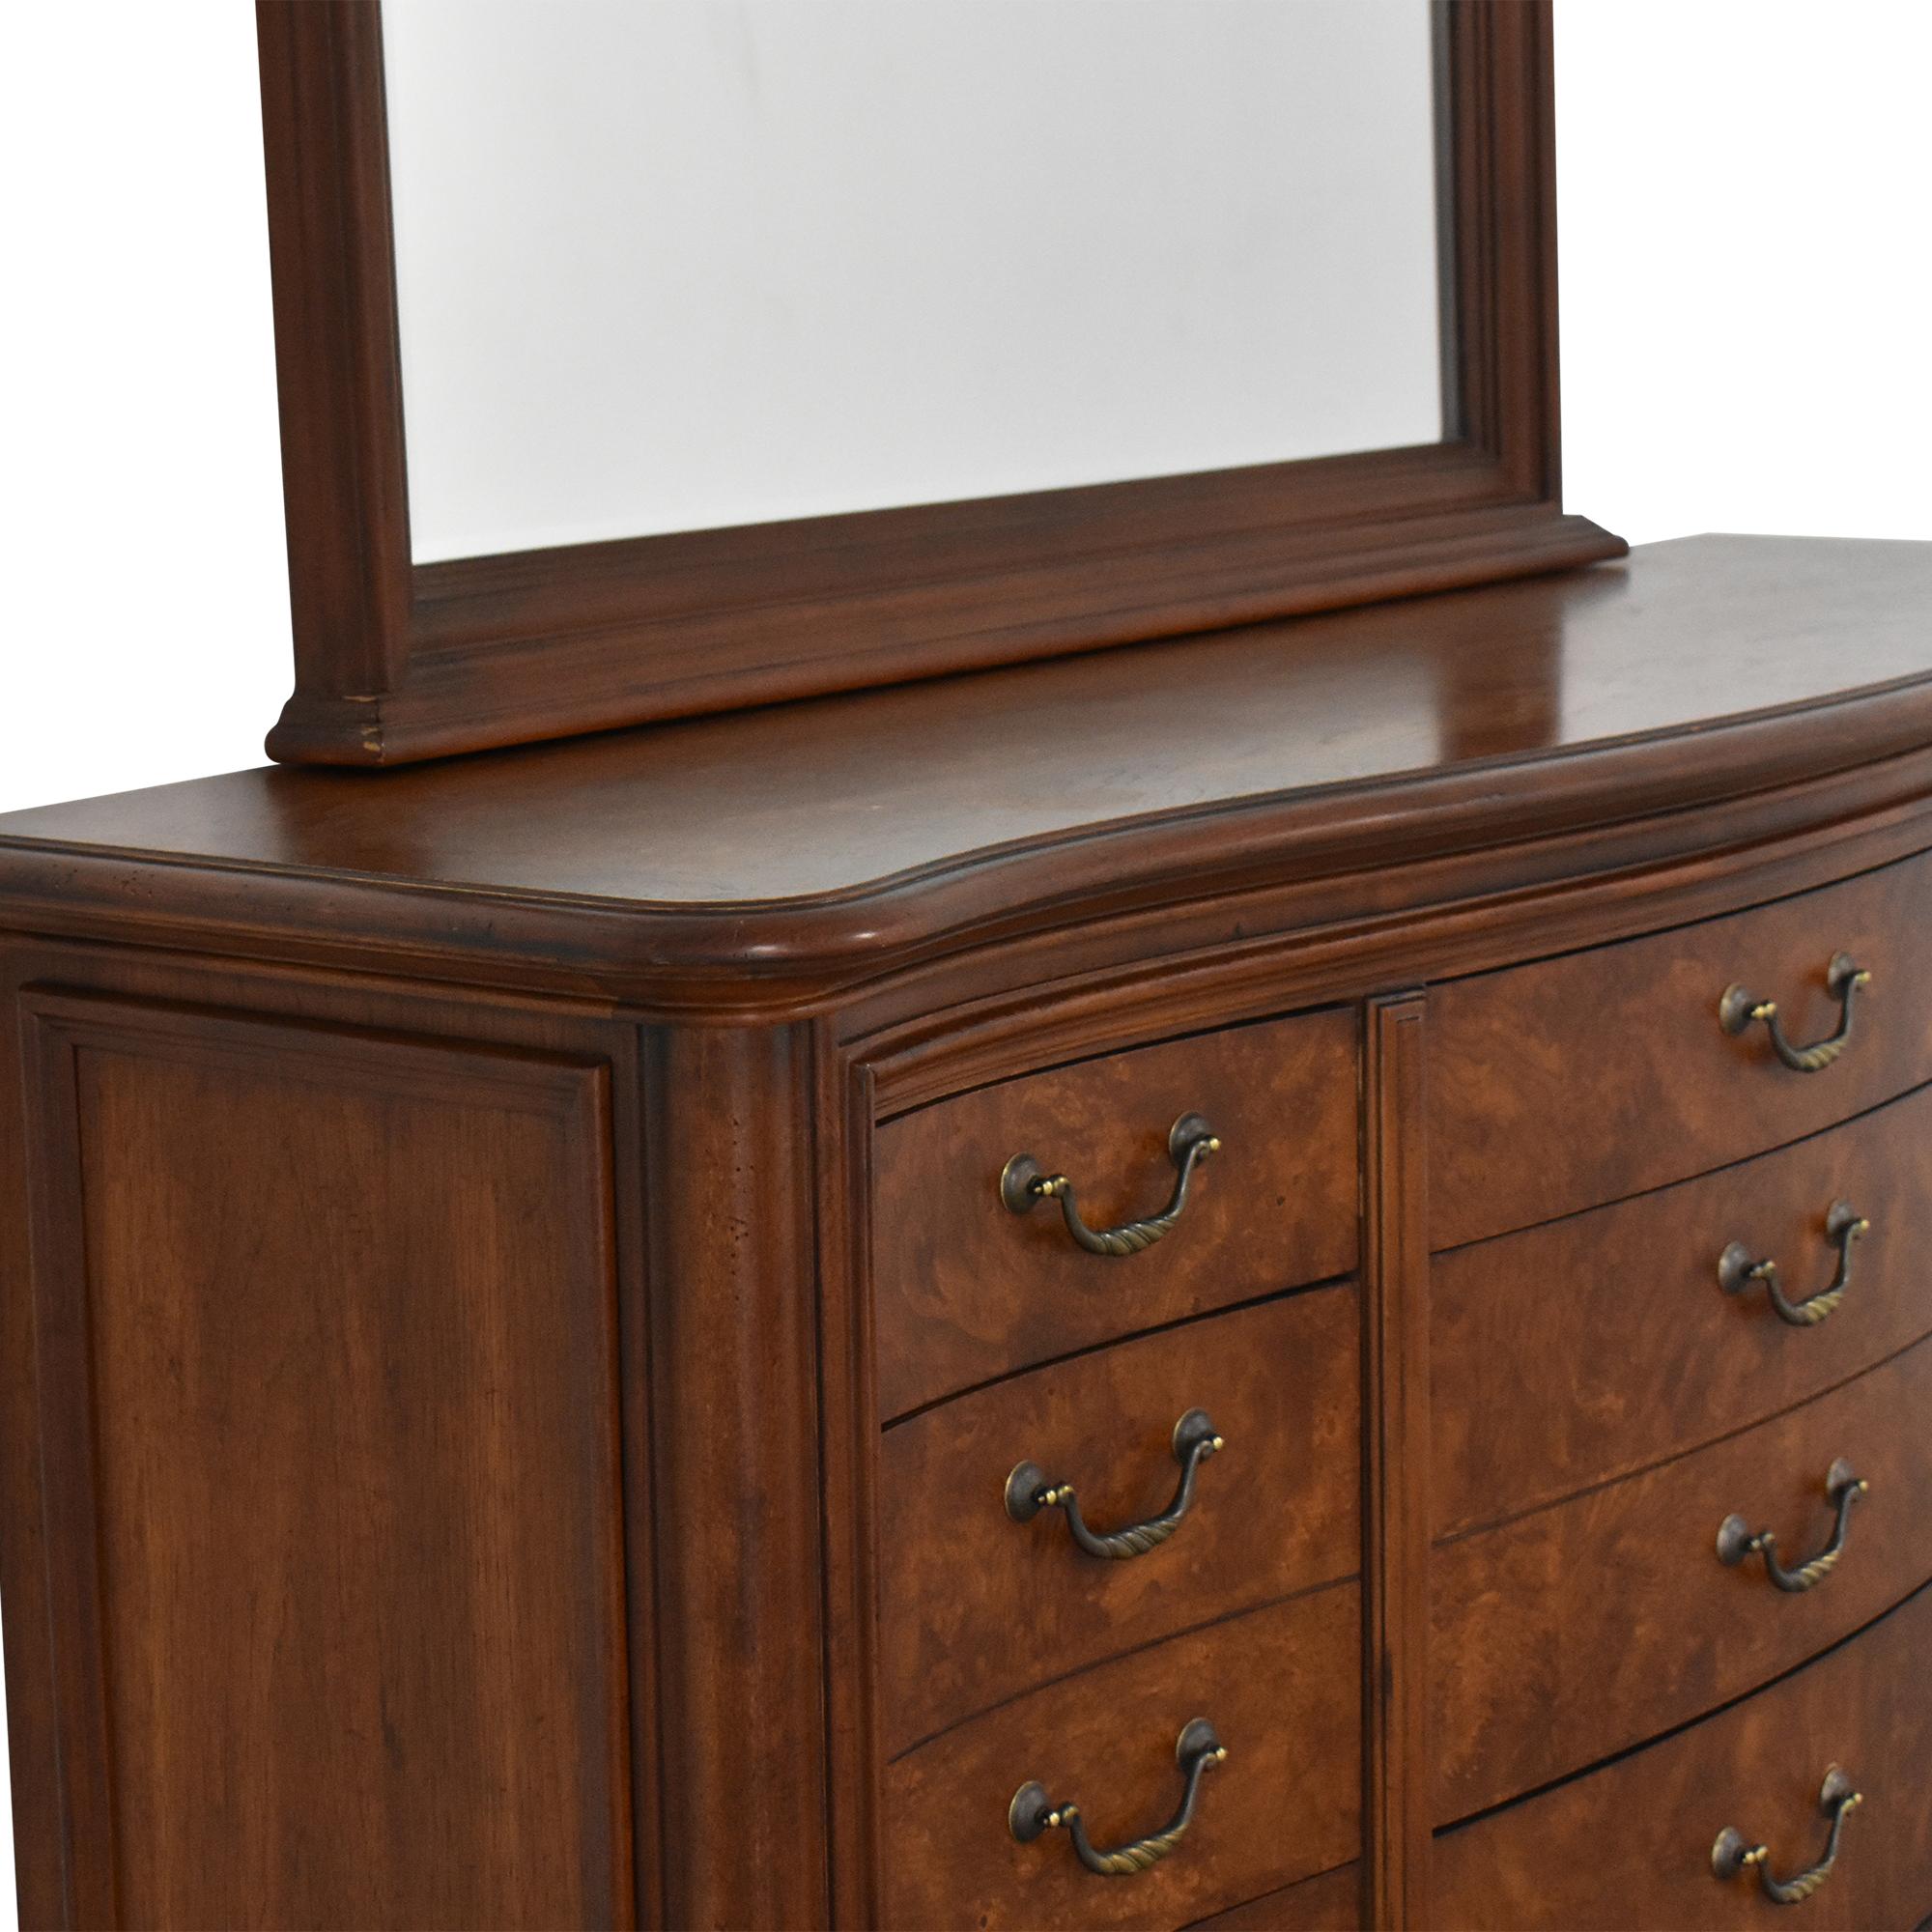 Thomasville Thomasville Twelve Drawer Dresser with Mirror nyc